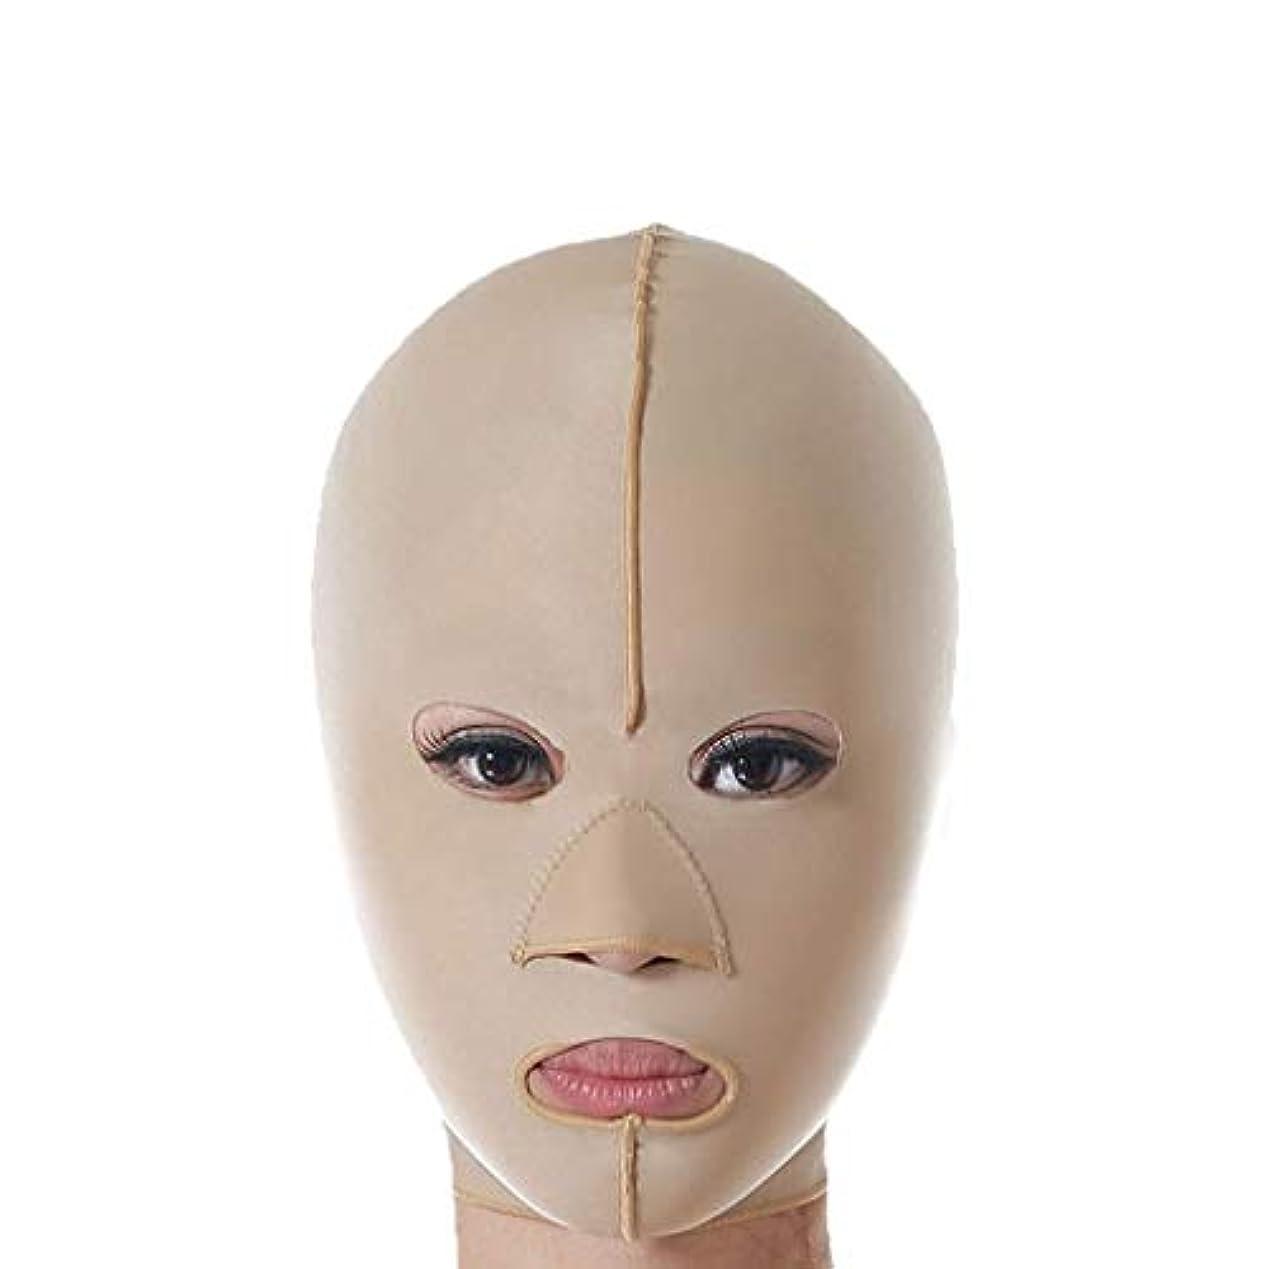 グロー鳩職人減量フェイスマスク、リフティング包帯、スリムフェイスリフトリフティングベルト、フェイシャル減量リフティング包帯、リフティングファーミング包帯(サイズ:XL),XL